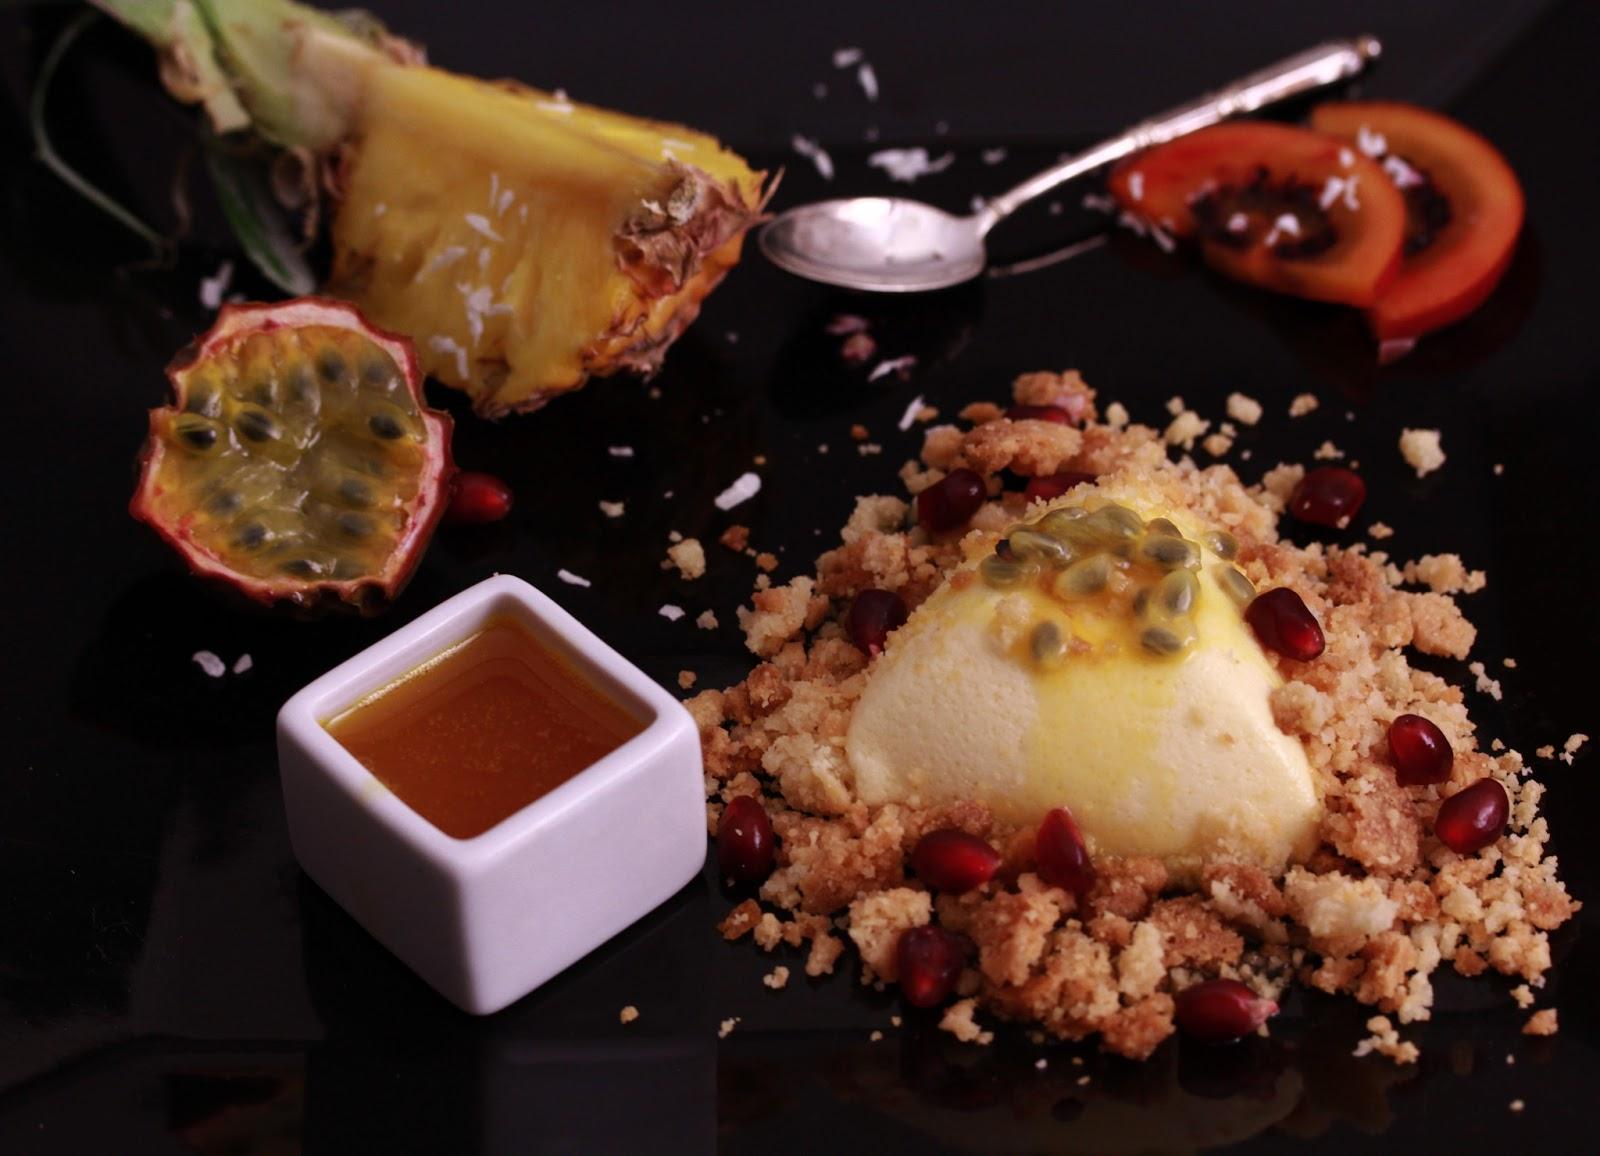 On dine chez nanou cheesecake destructur aux fruits de la passion - Cheesecake fruit de la passion ...